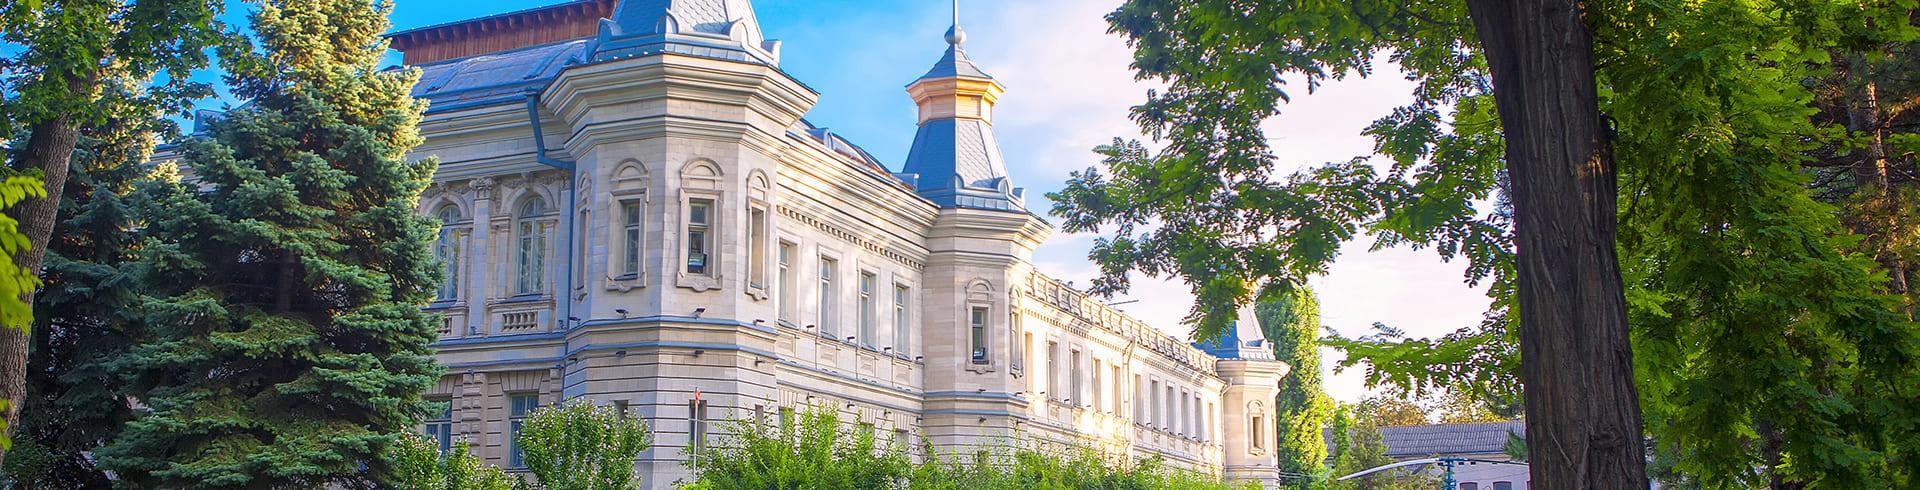 Chisinau Moldavie datant sjunde Himlen Kristen datant